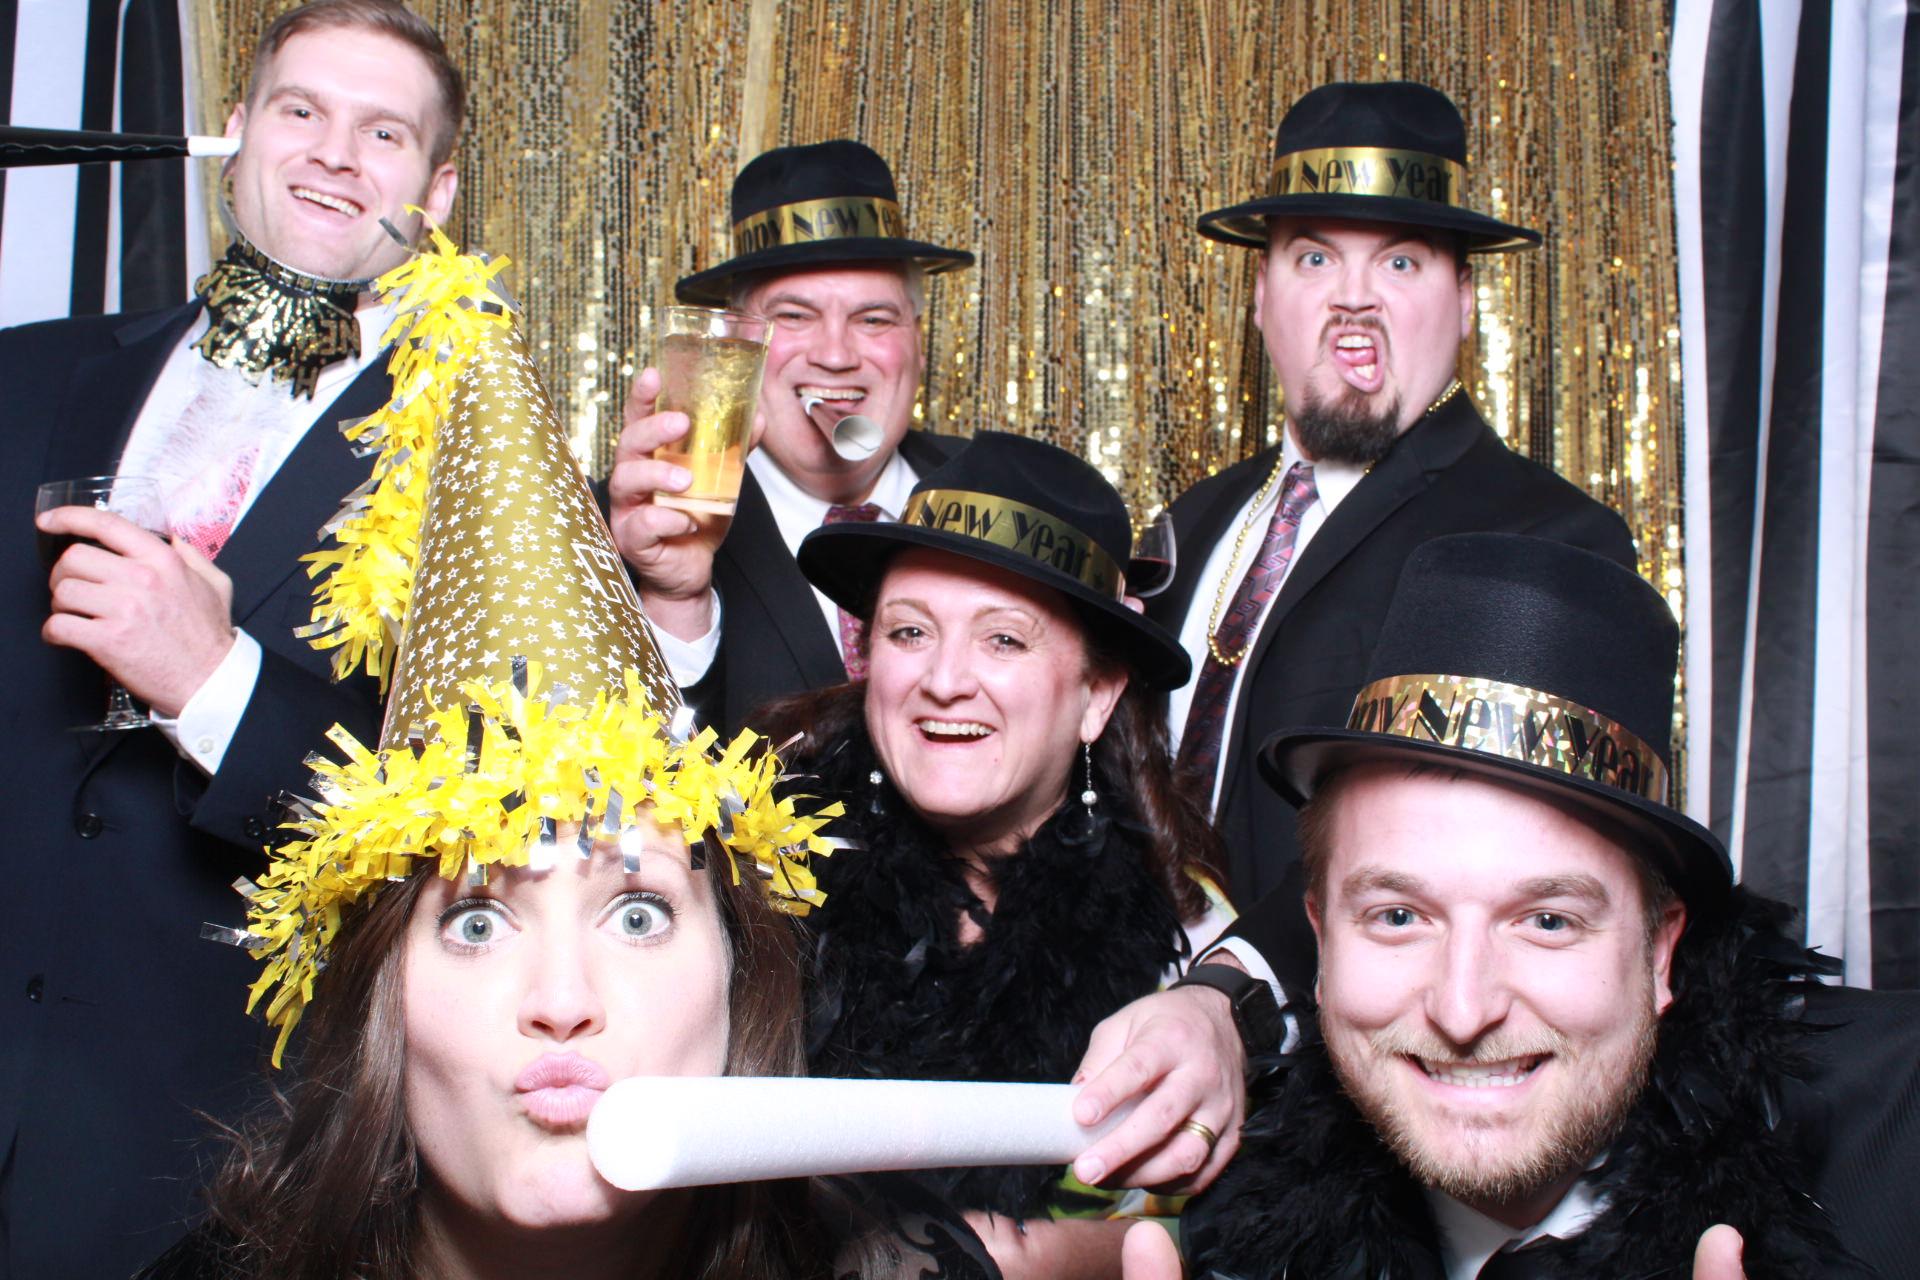 hilton omaha-omaha-nebraska-wedding-snap omaha photo booth